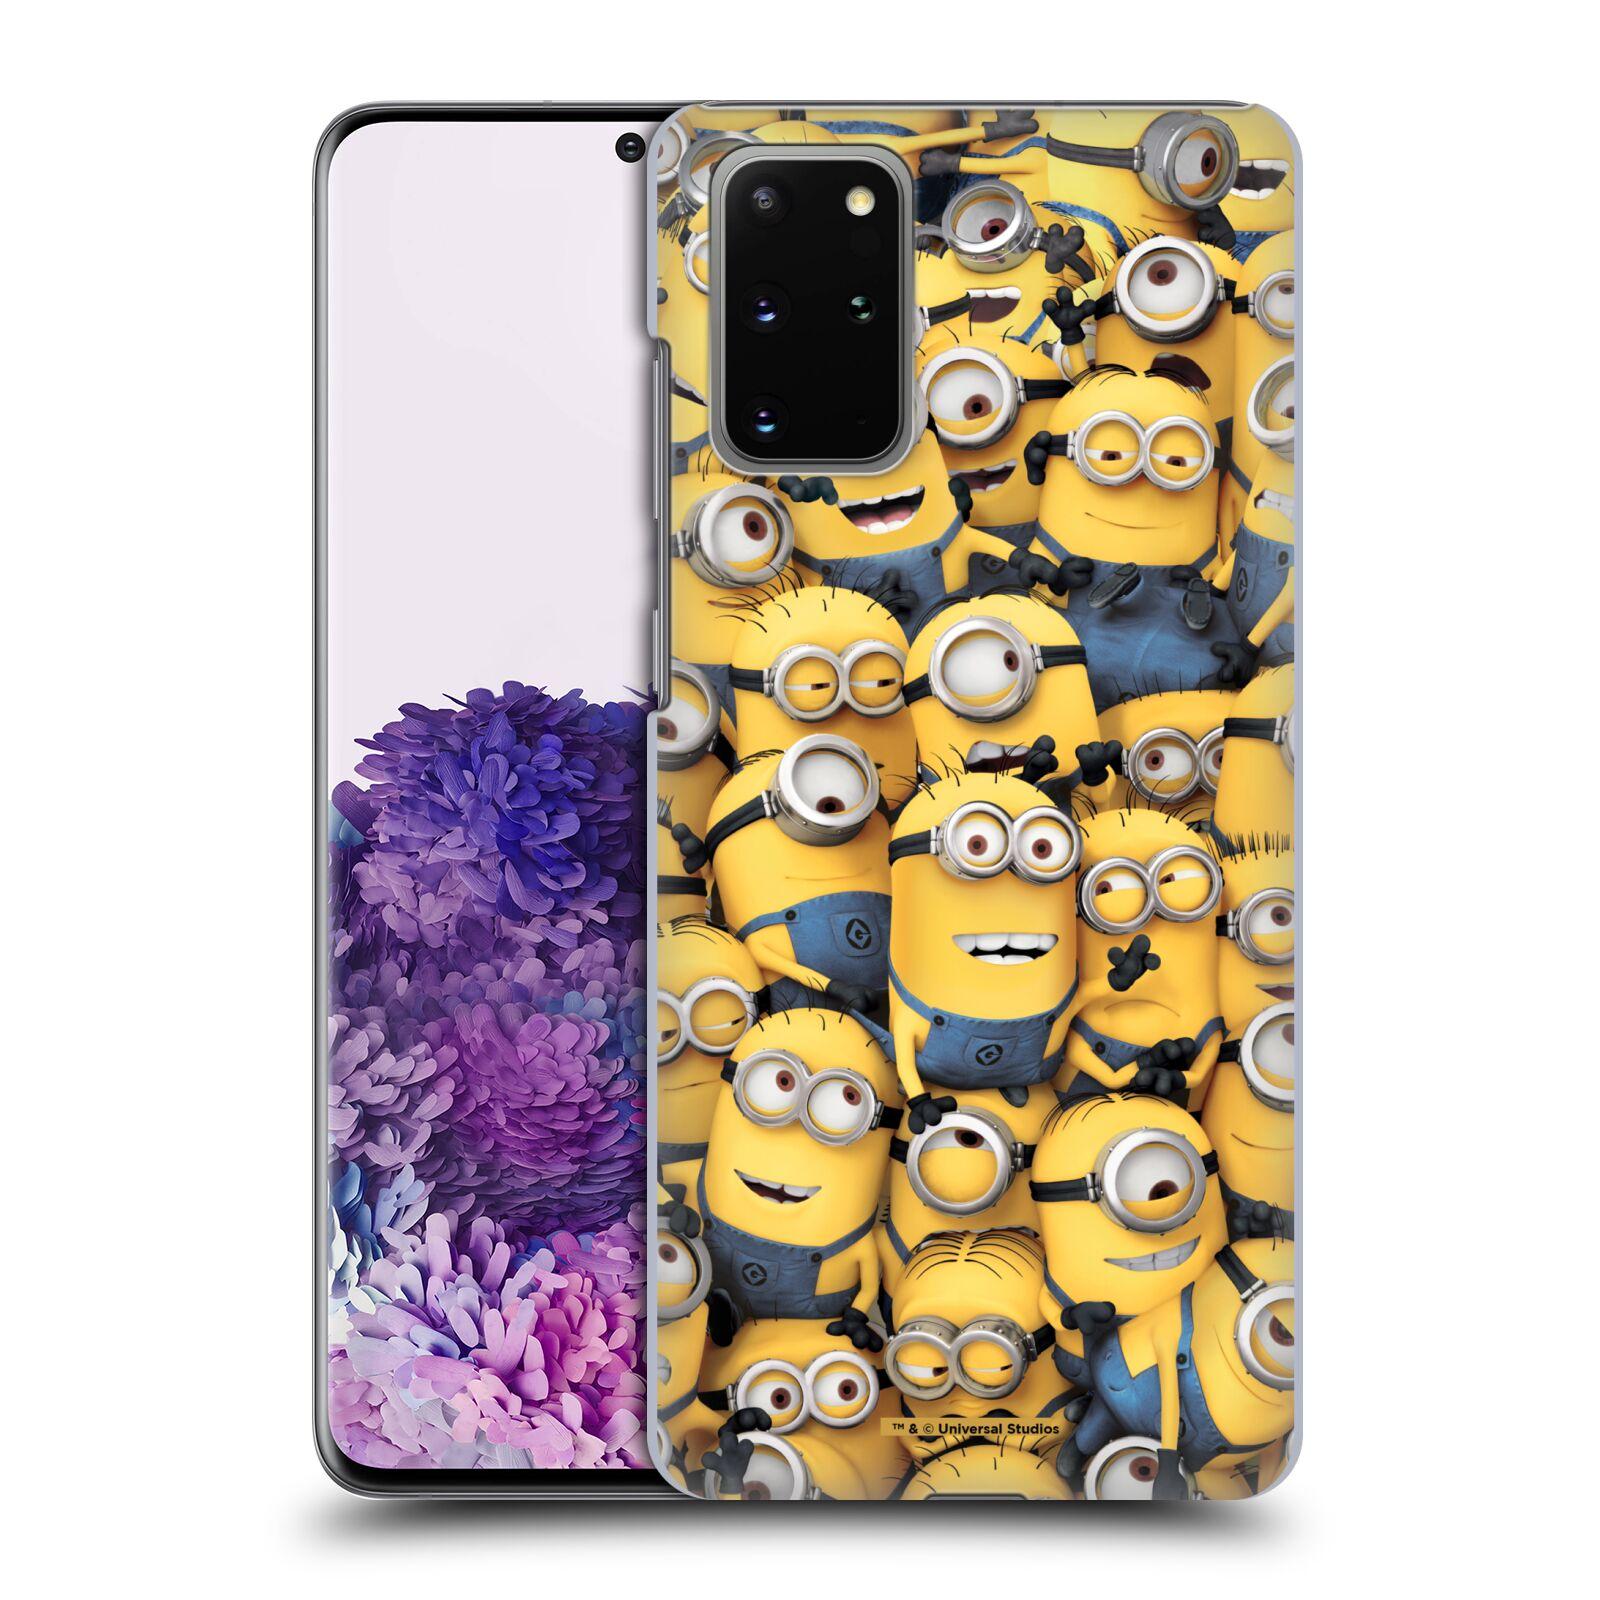 Plastové pouzdro na mobil Samsung Galaxy S20 Plus - Head Case - Mimoni všude z filmu Já, padouch - Despicable Me